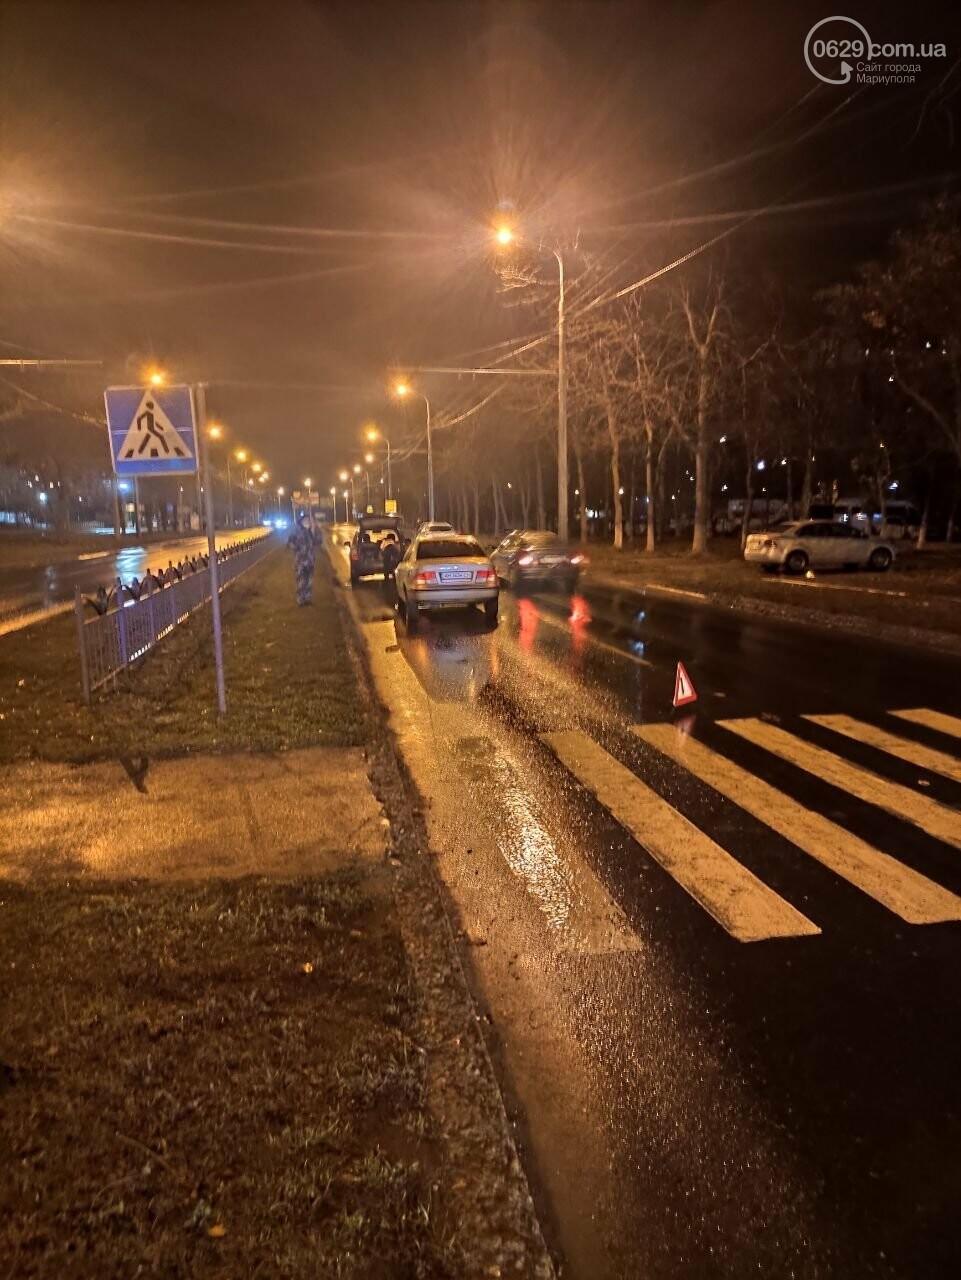 В Мариуполе Samand сбил женщину, - ФОТО, фото-1